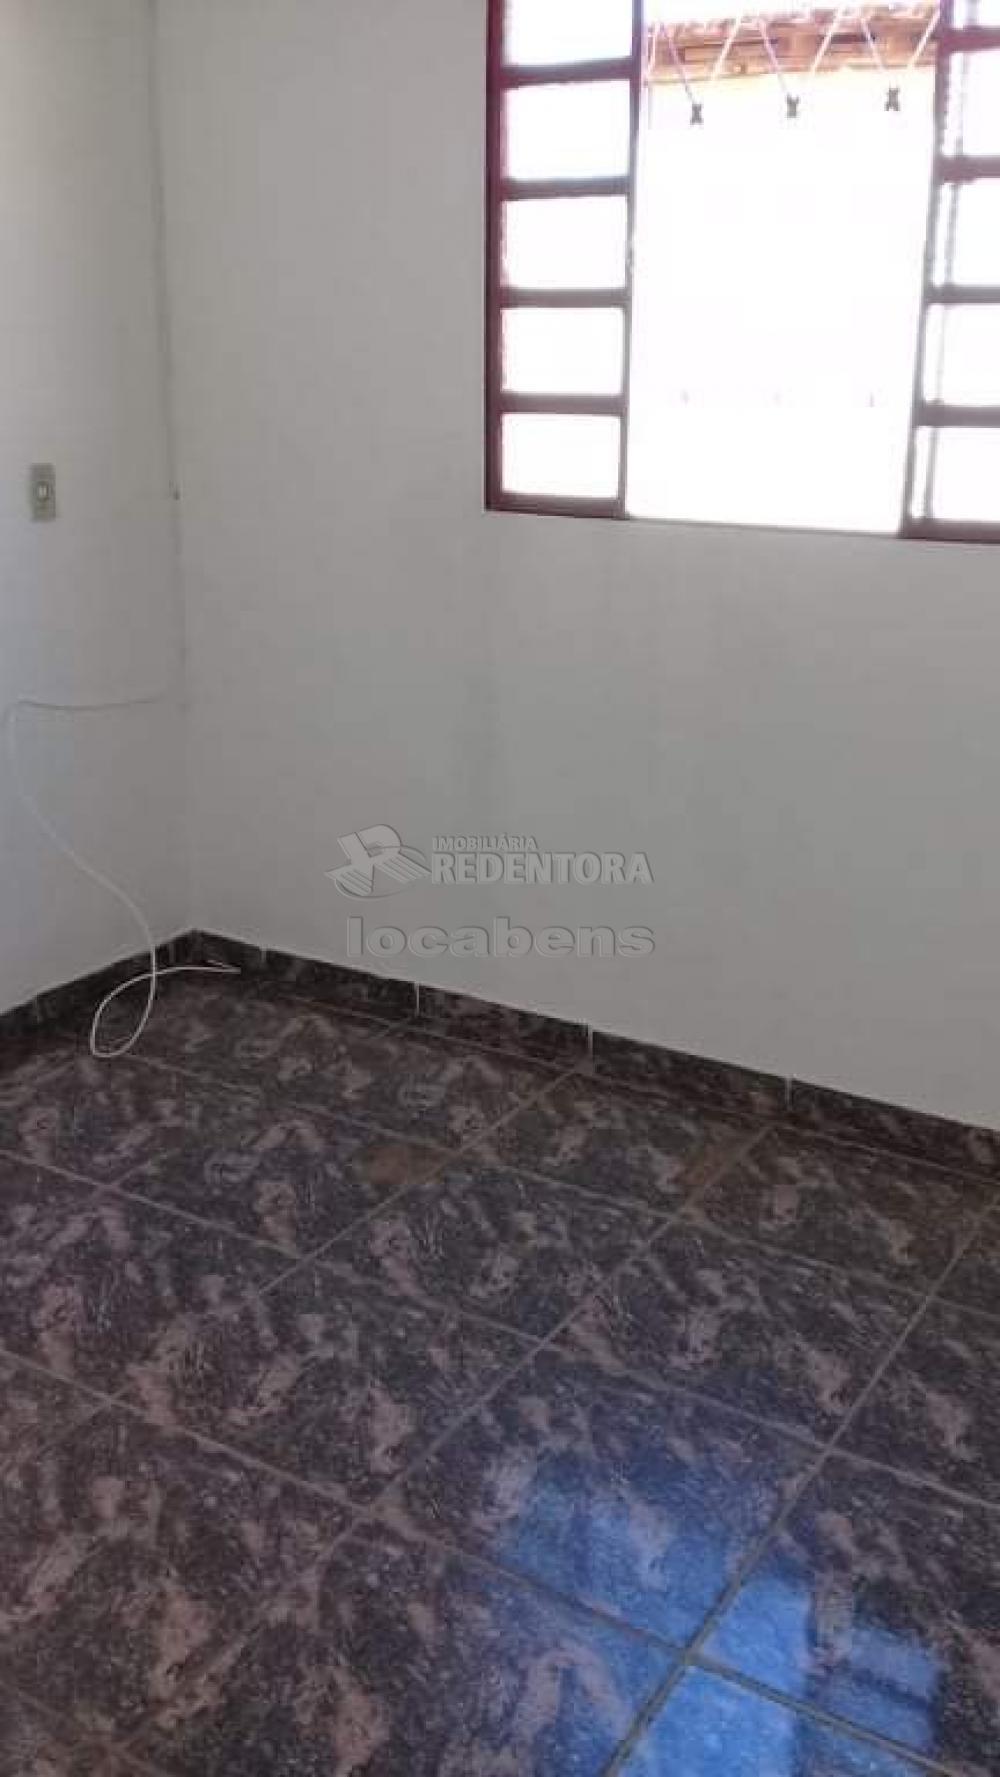 Comprar Casa / Padrão em São José do Rio Preto R$ 165.000,00 - Foto 6